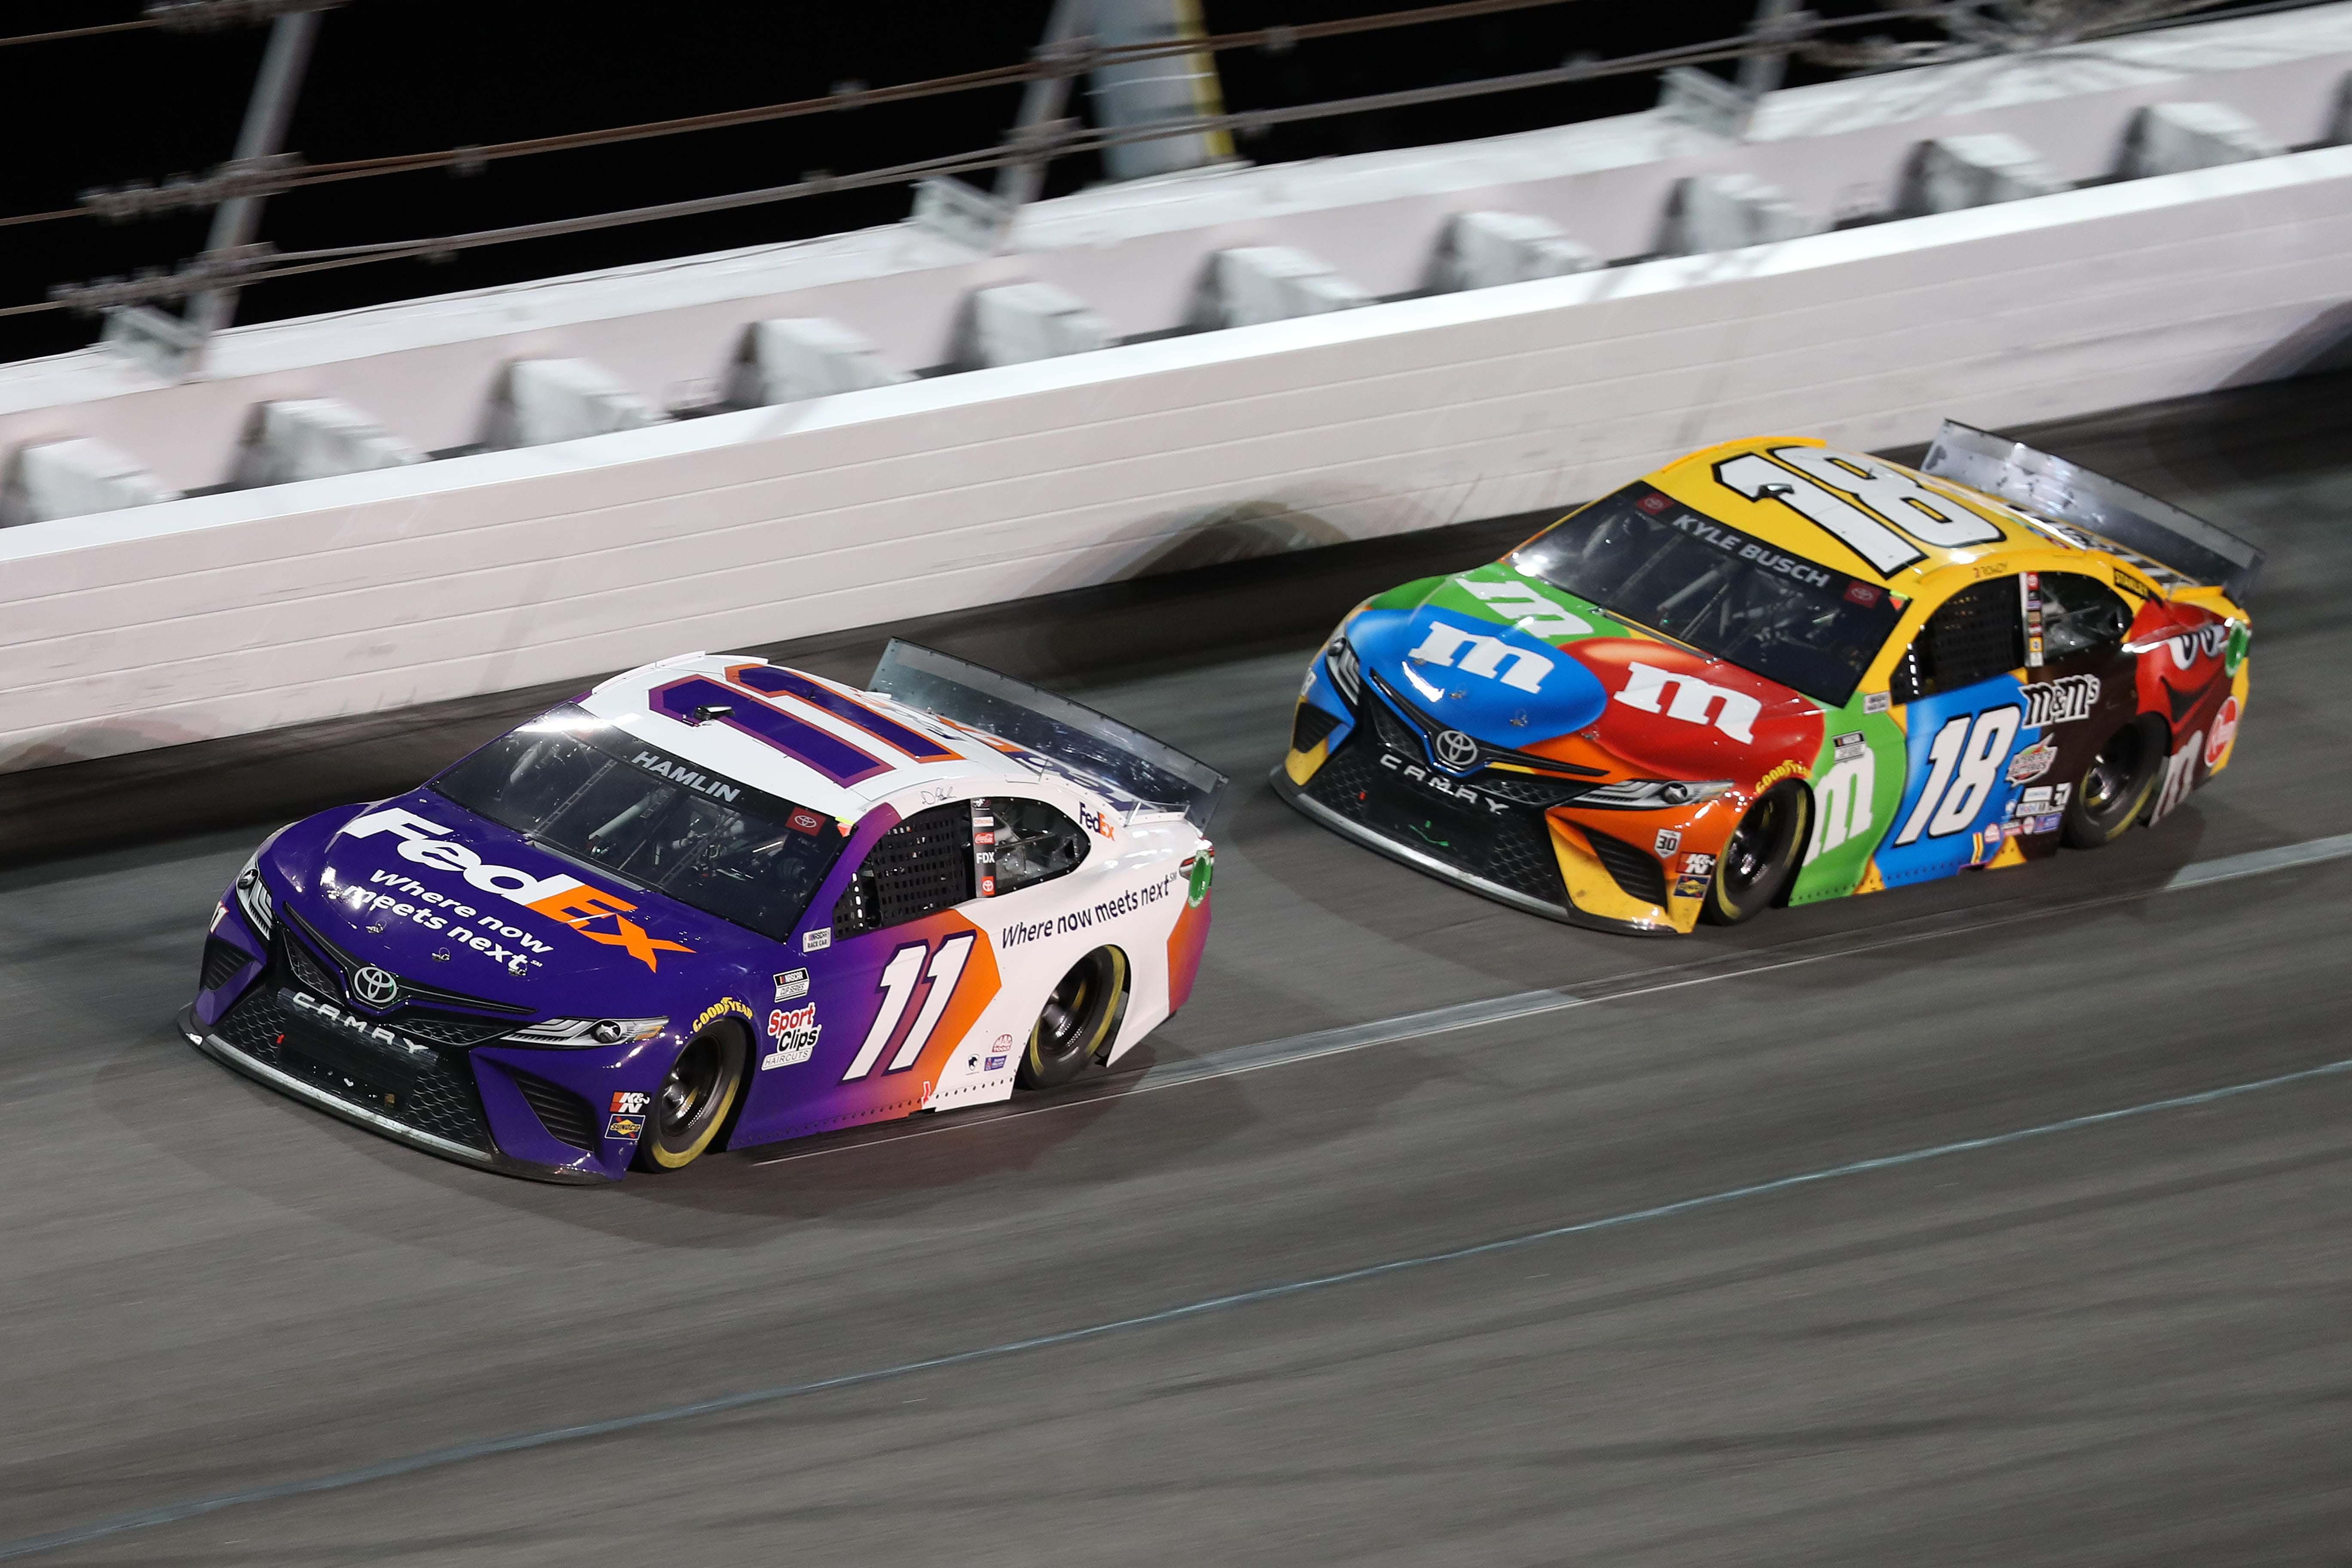 Denny Hamlin and Kyle Busch - Daytona 500 - NASCAR Cup Series